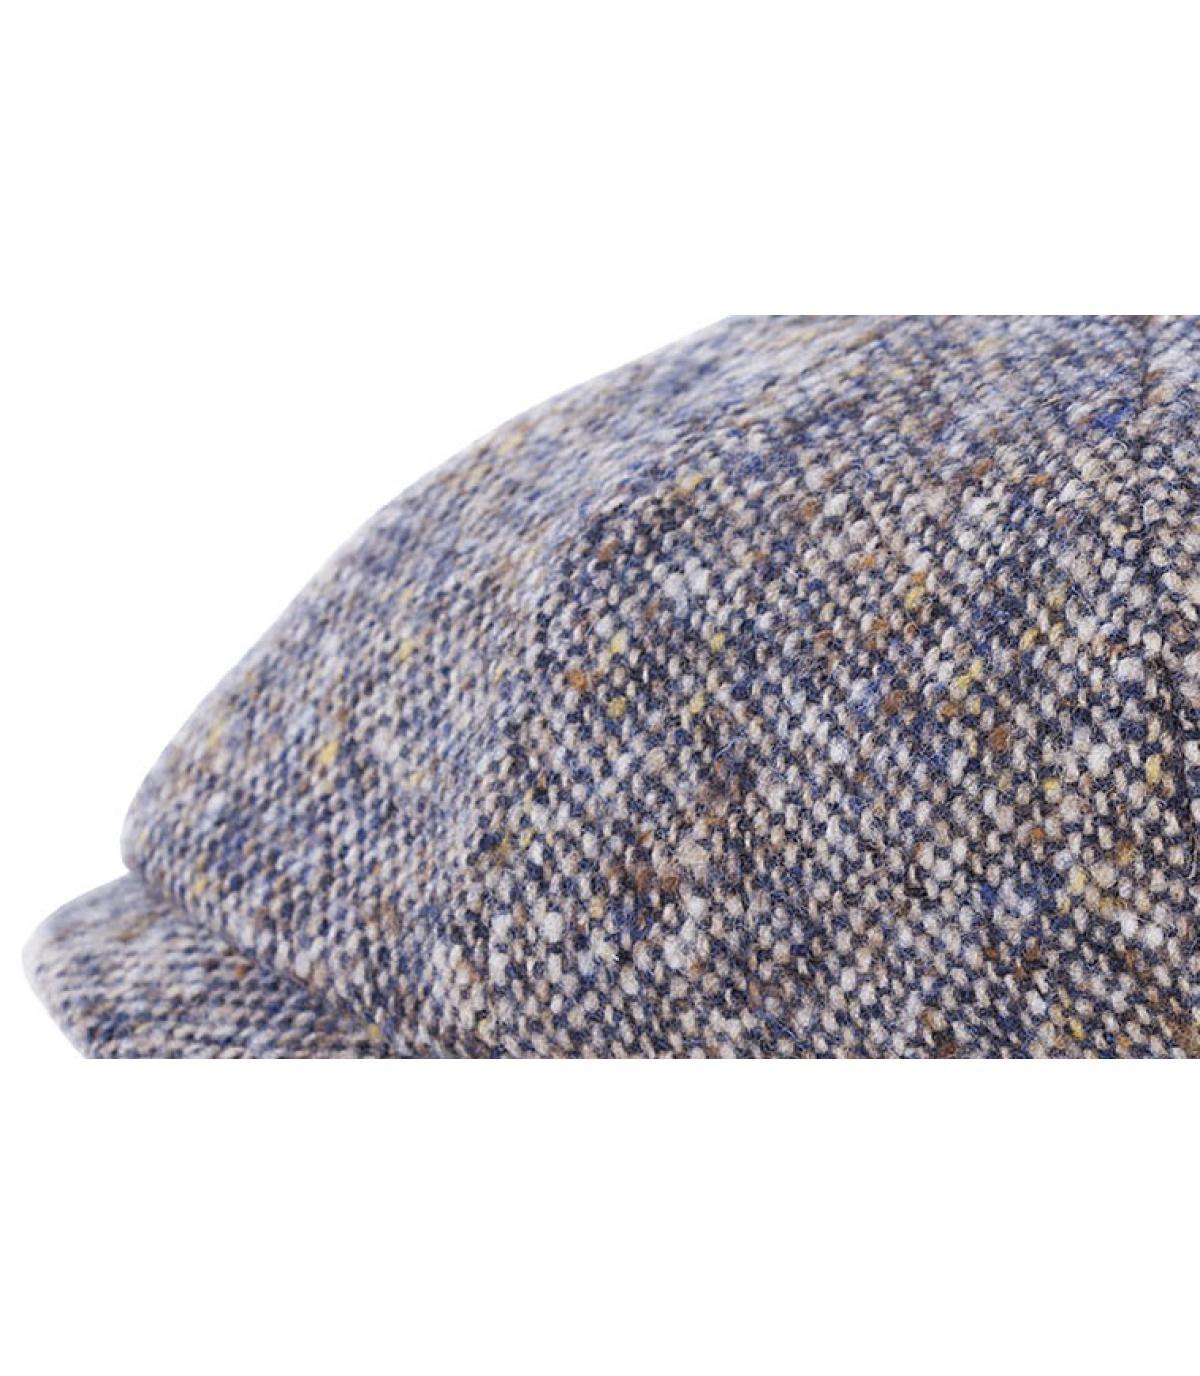 Détails Hatteras donegal laine bleu - image 2